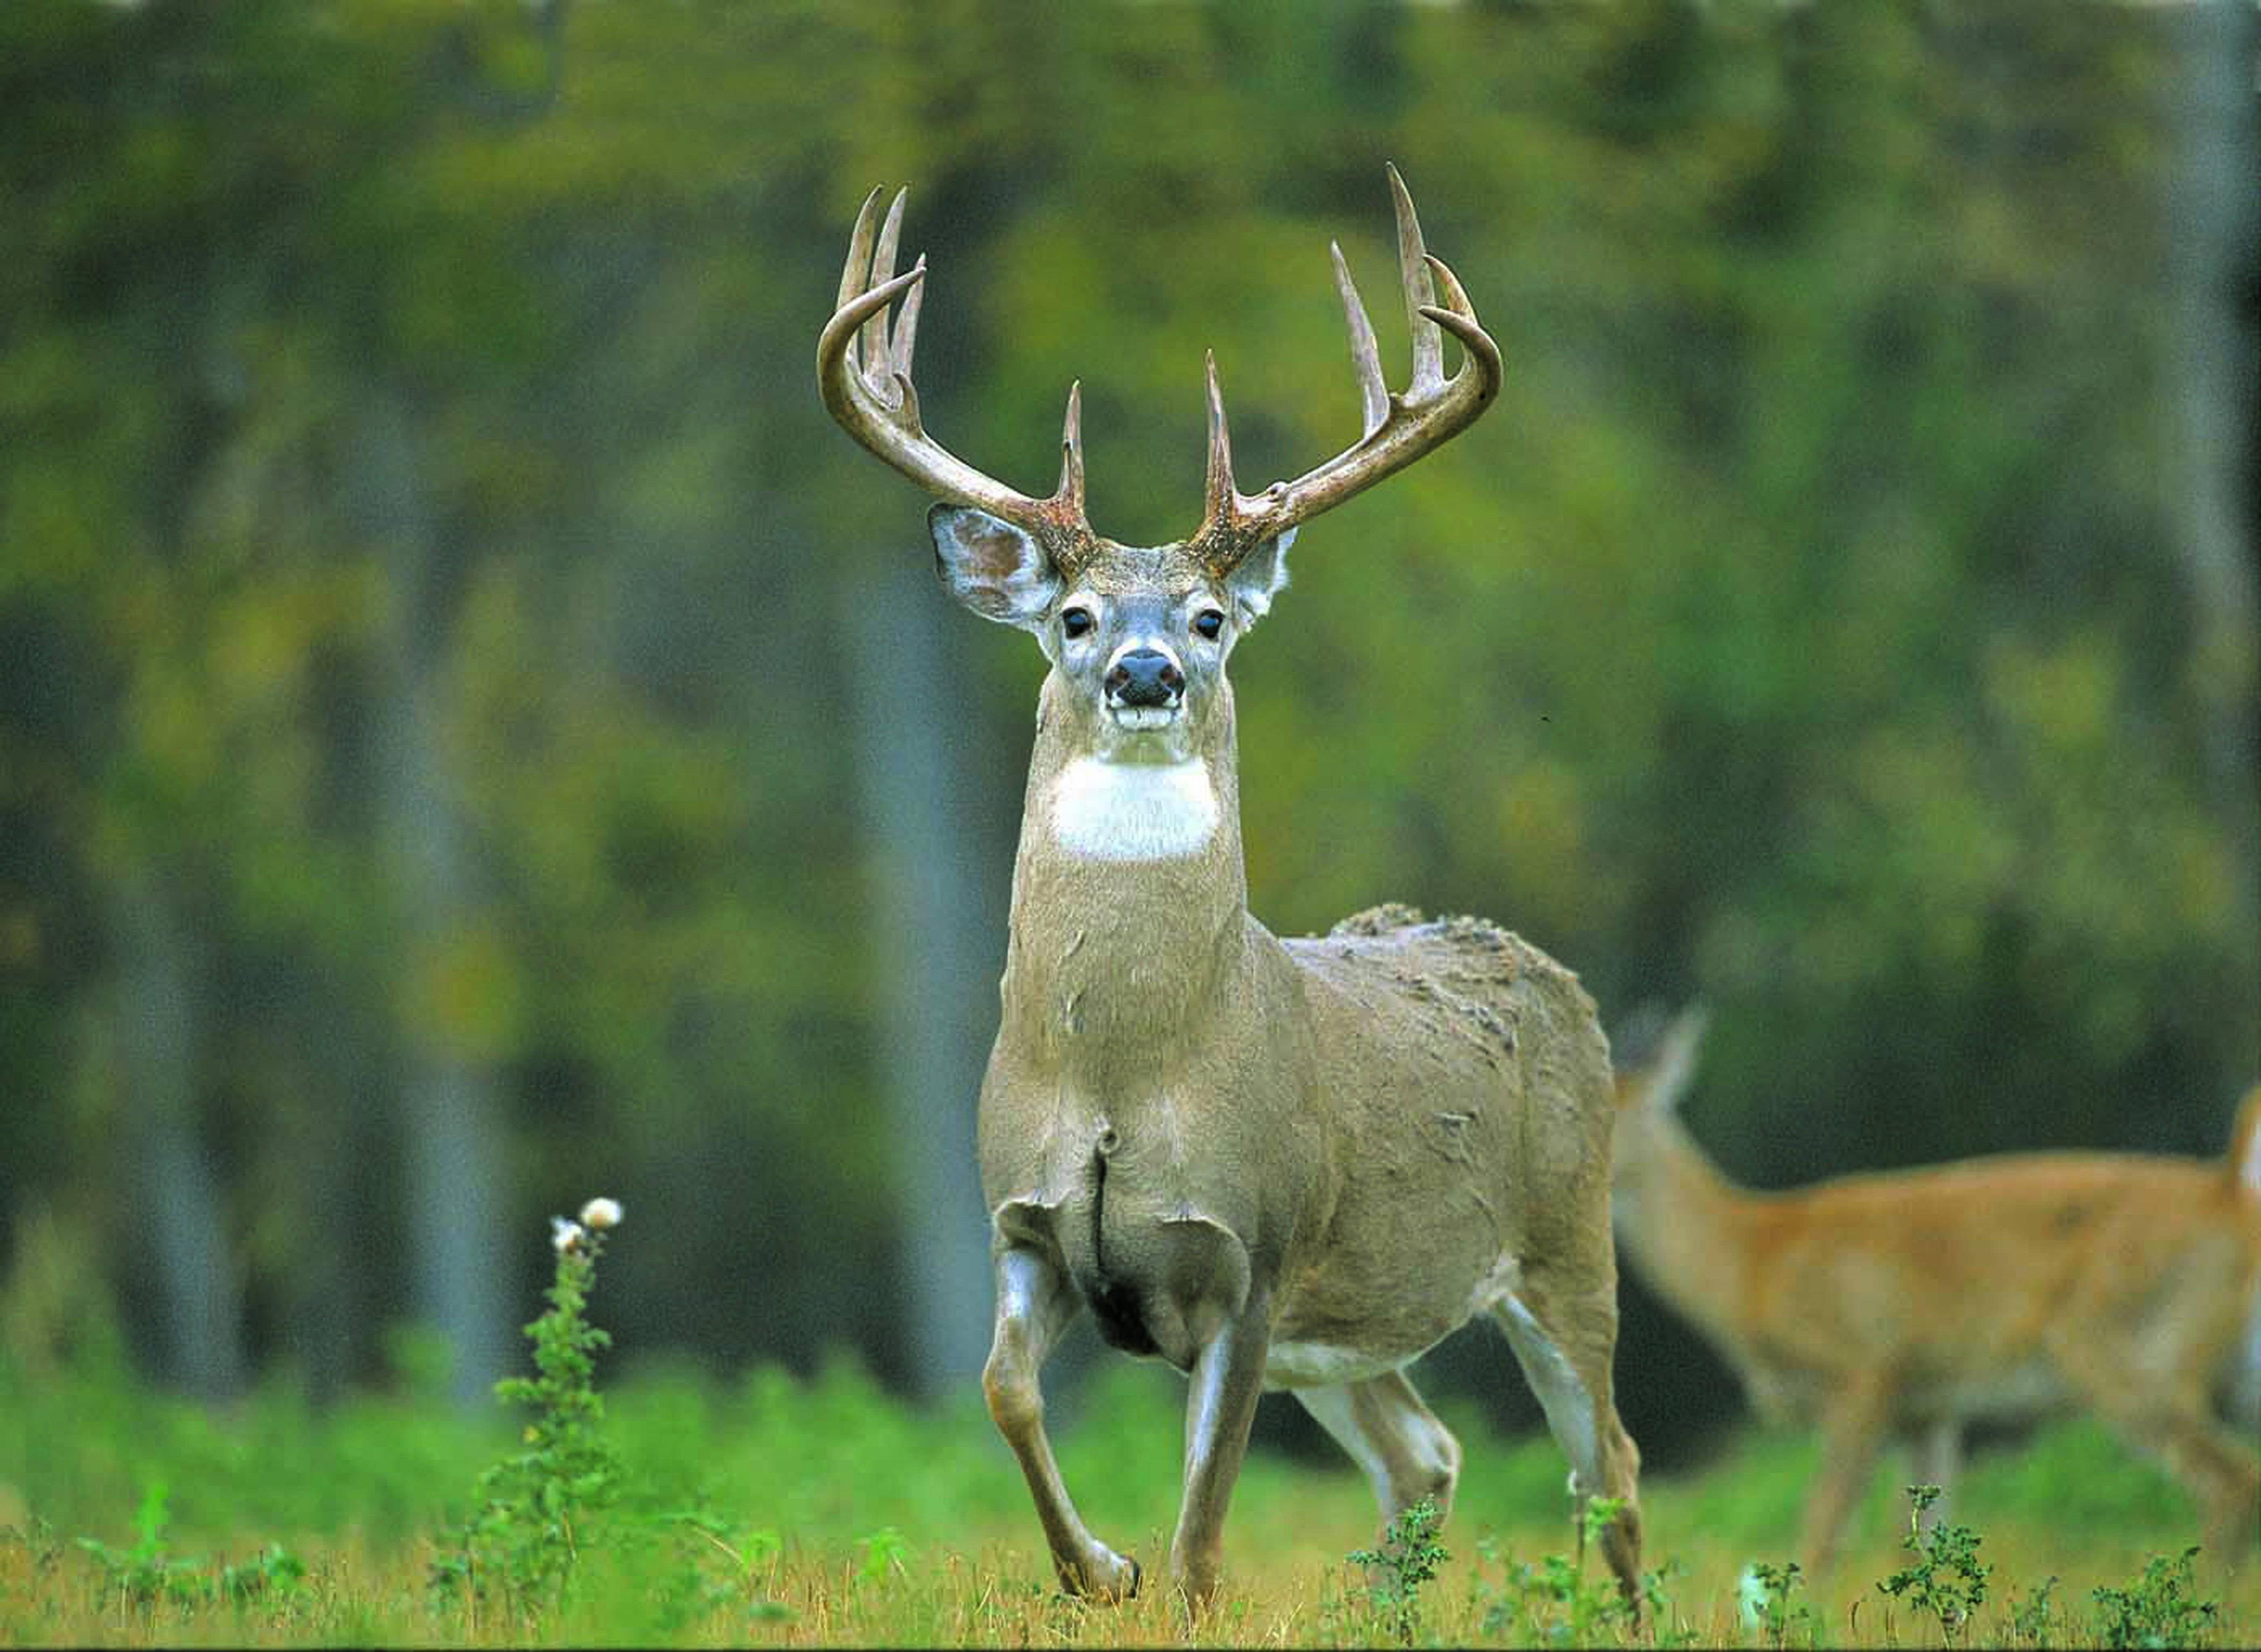 deer wallpaper for my desktop - photo #3